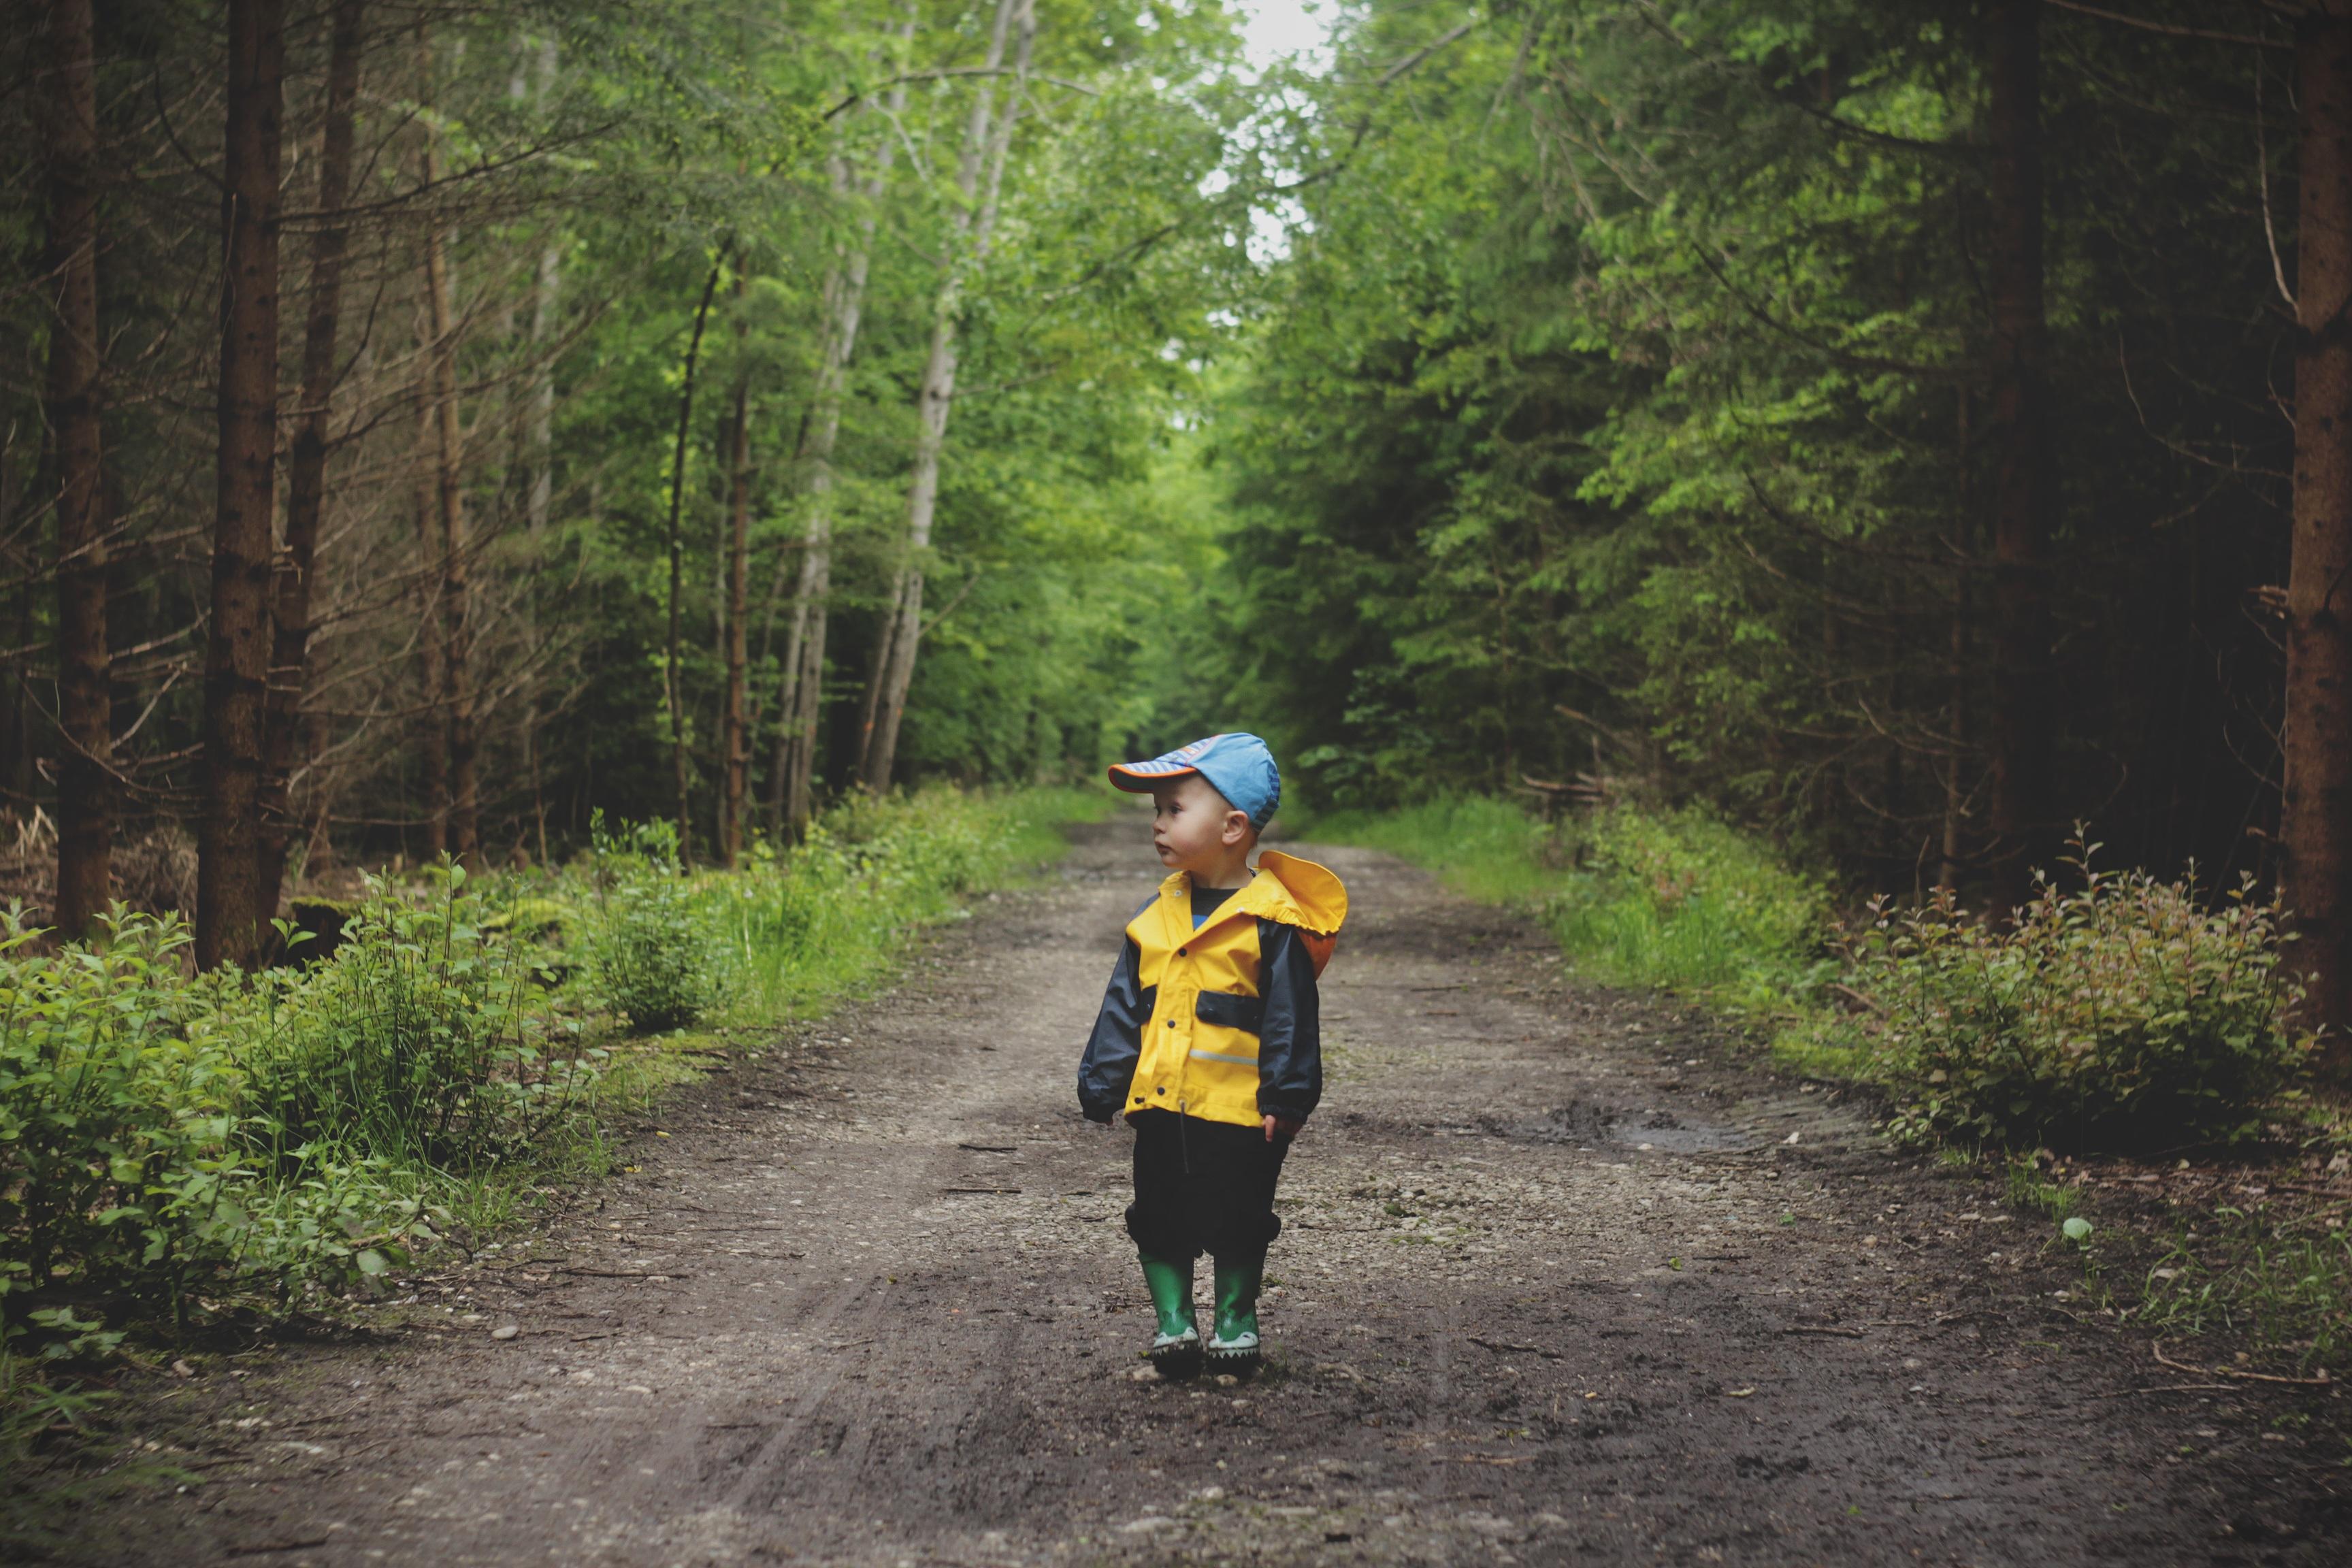 Картинка мальчик заблудился в лесу